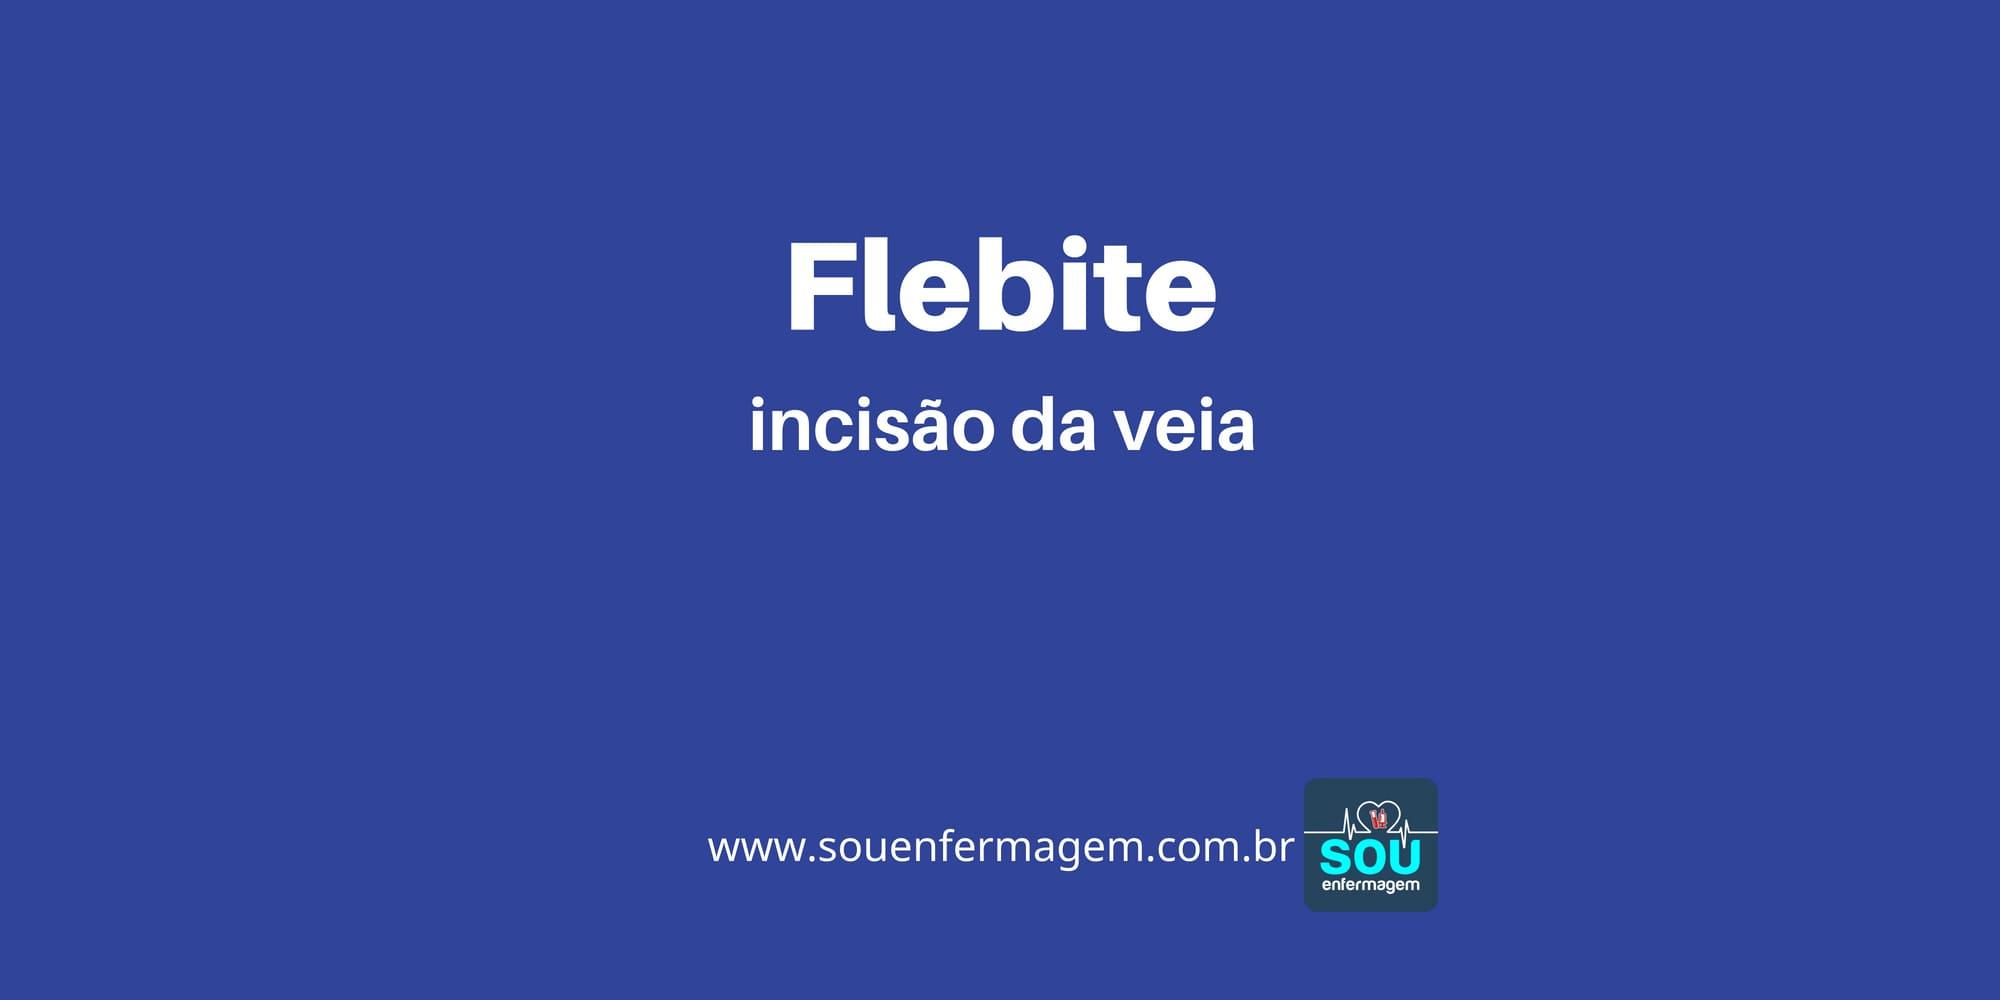 Flebite.jpg